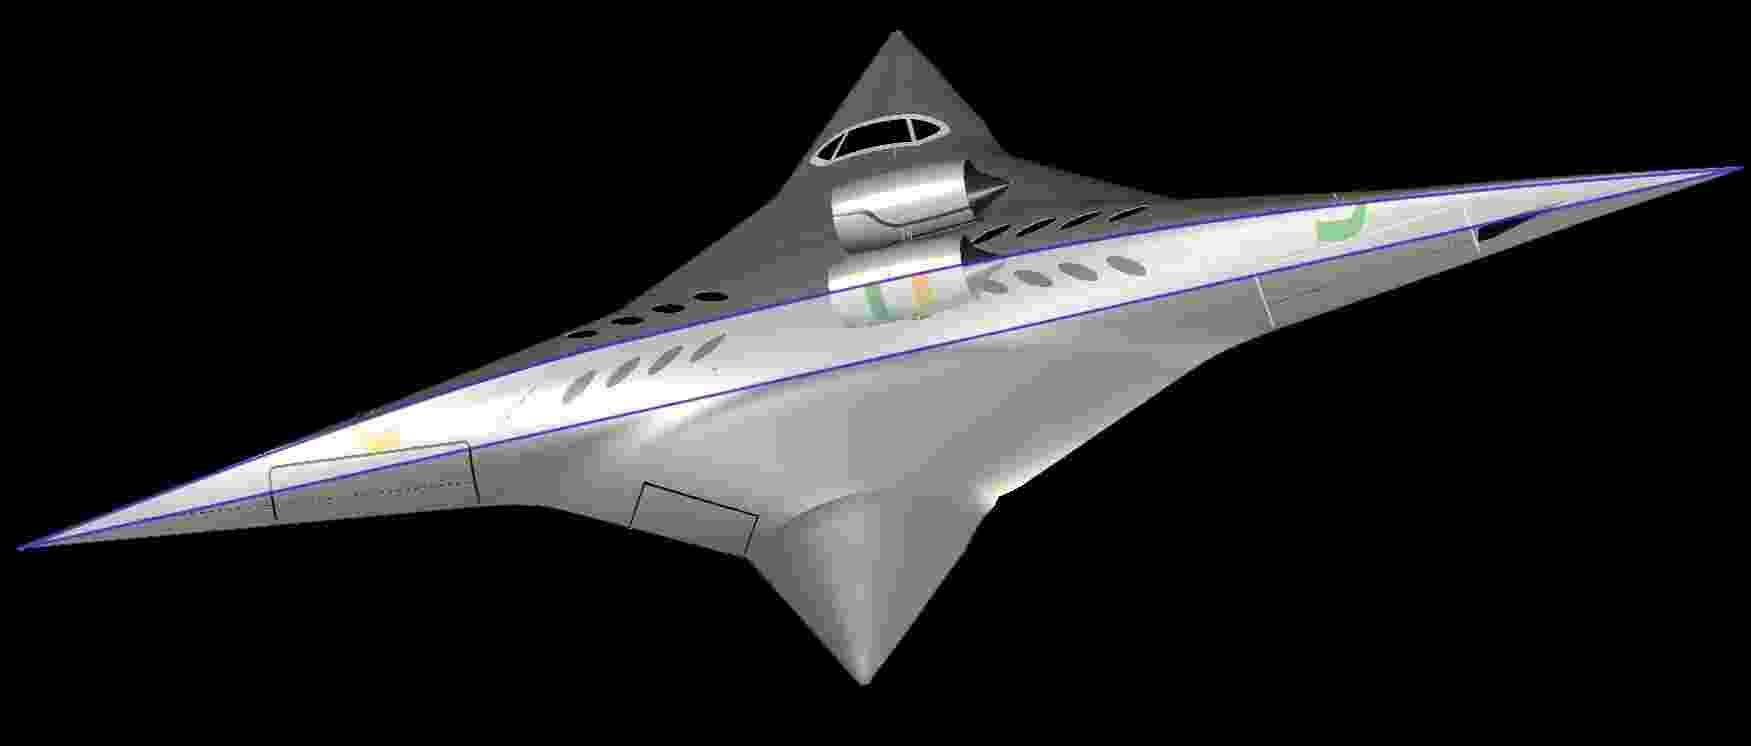 Cientistas americanos trabalham no projeto de um avião que, com uma forma parecida a uma estrela ninja, pode girar 90 graus no ar para voar de lado e alcançar assim velocidades supersônicas capazes de fazer o trajeto Nova York-Tóquio em quatro horas - Universidade de Miami/ Efe